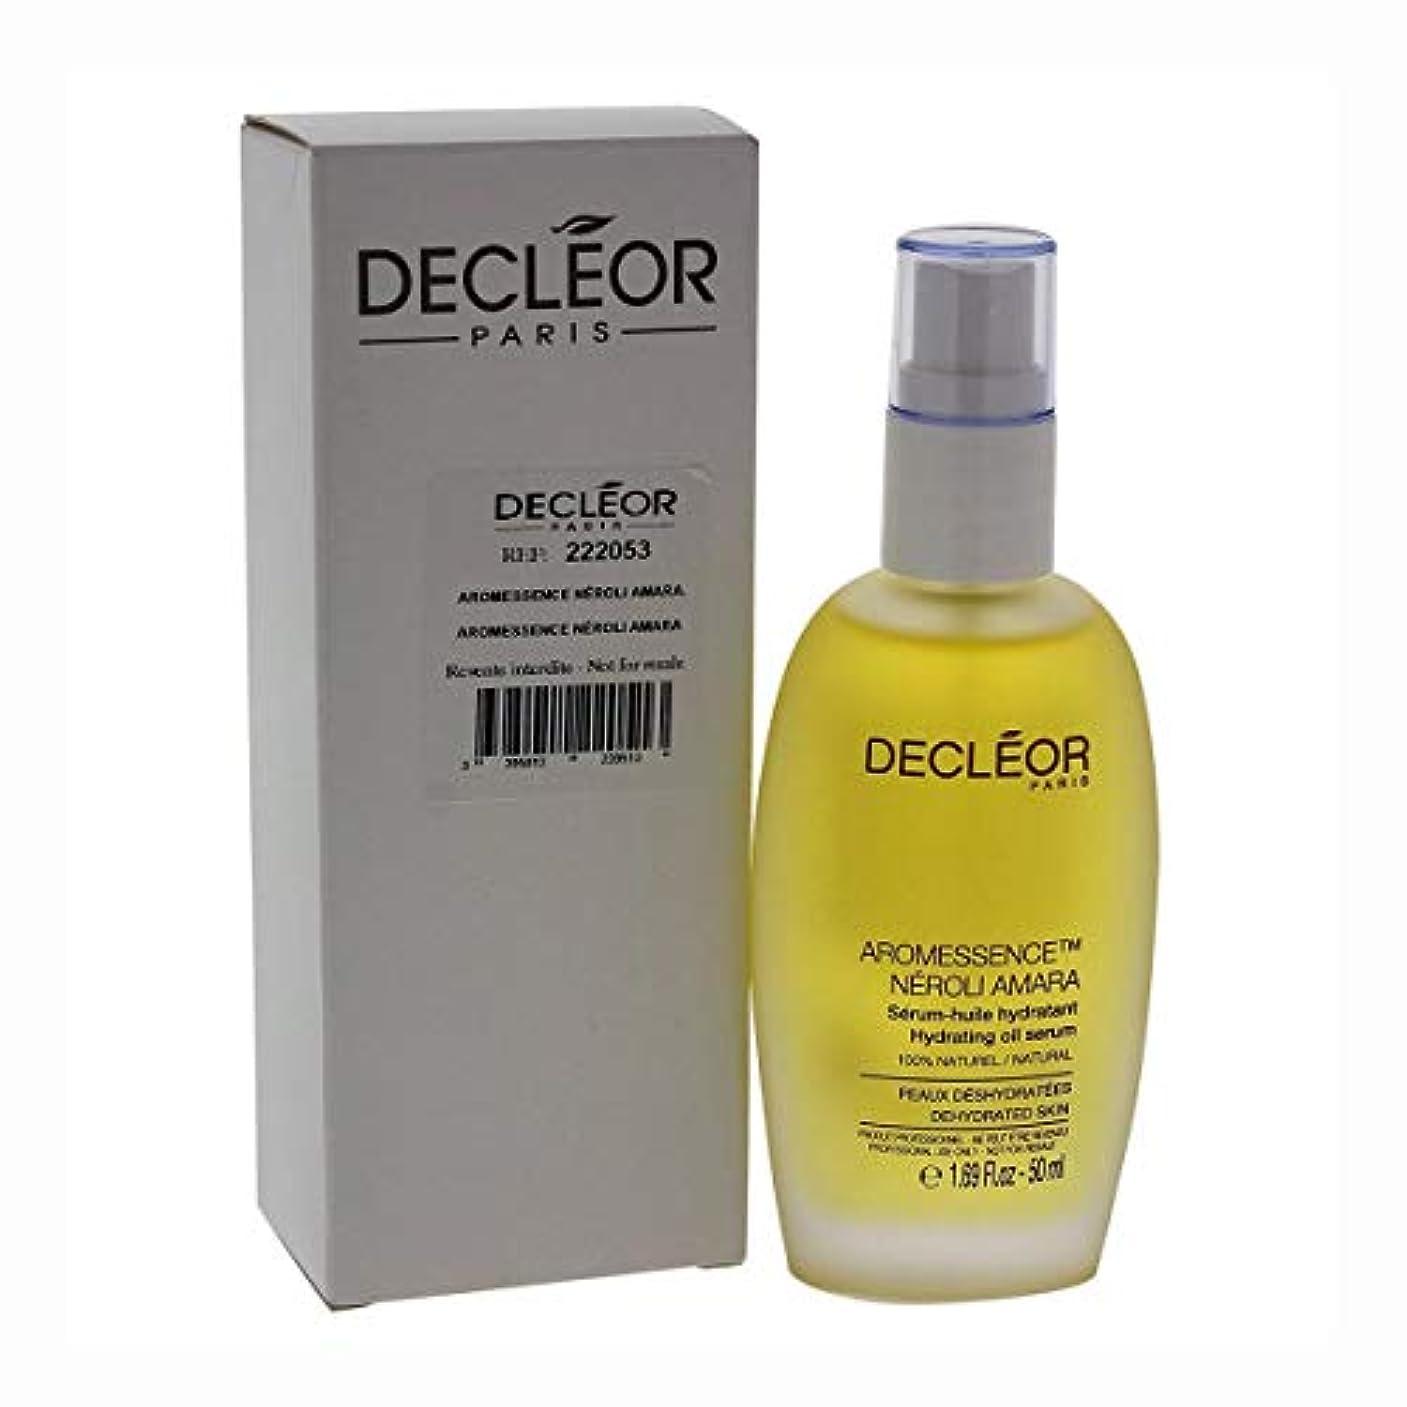 つづり巻き戻す歴史デクレオール Aromessence Neroli Amara Hydrating Oil Serum - For Dehydrated Skin (Salon Size) 50ml/1.69oz並行輸入品